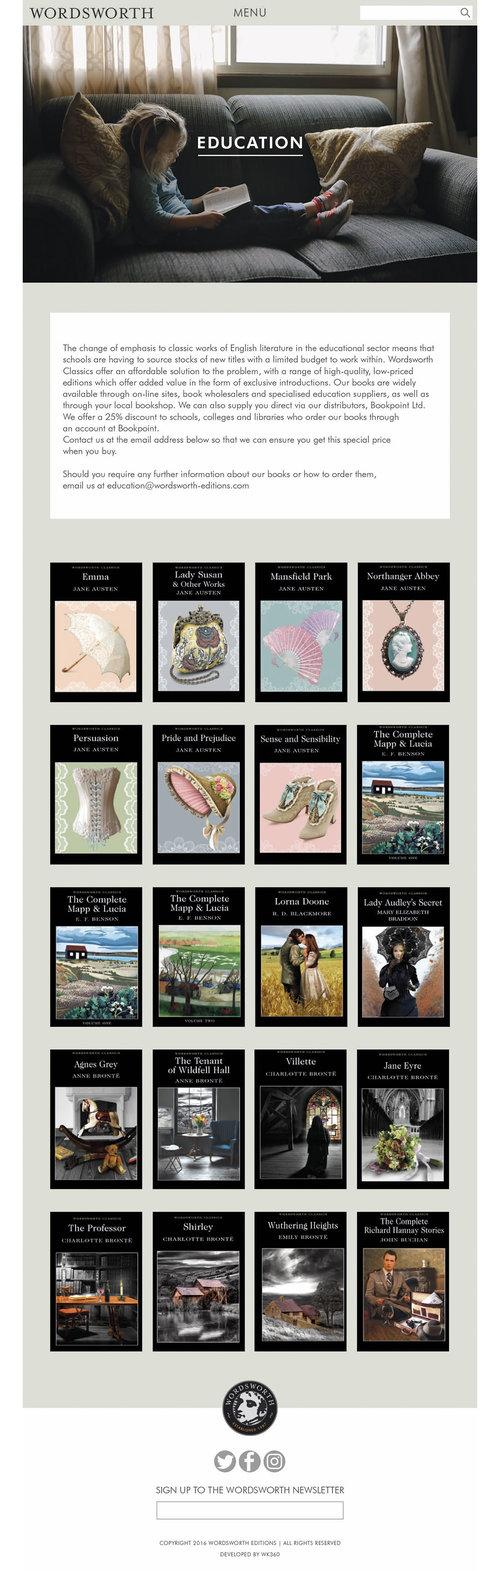 1912_Wordsworth+site4.jpg